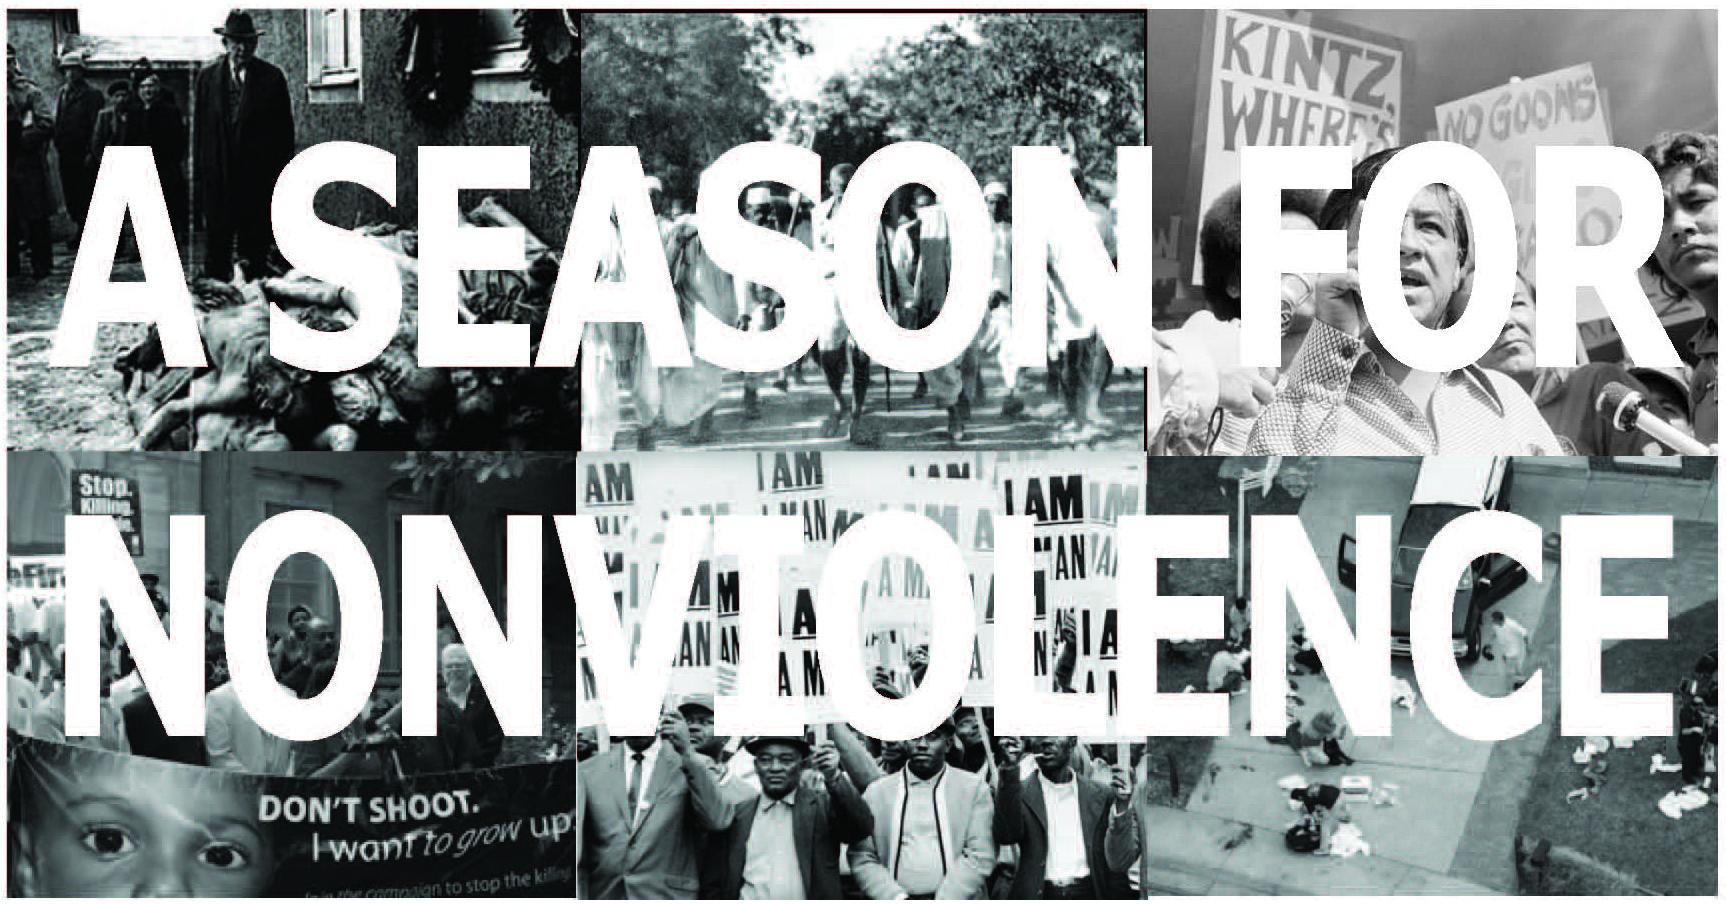 A Season for Nonviolence collage